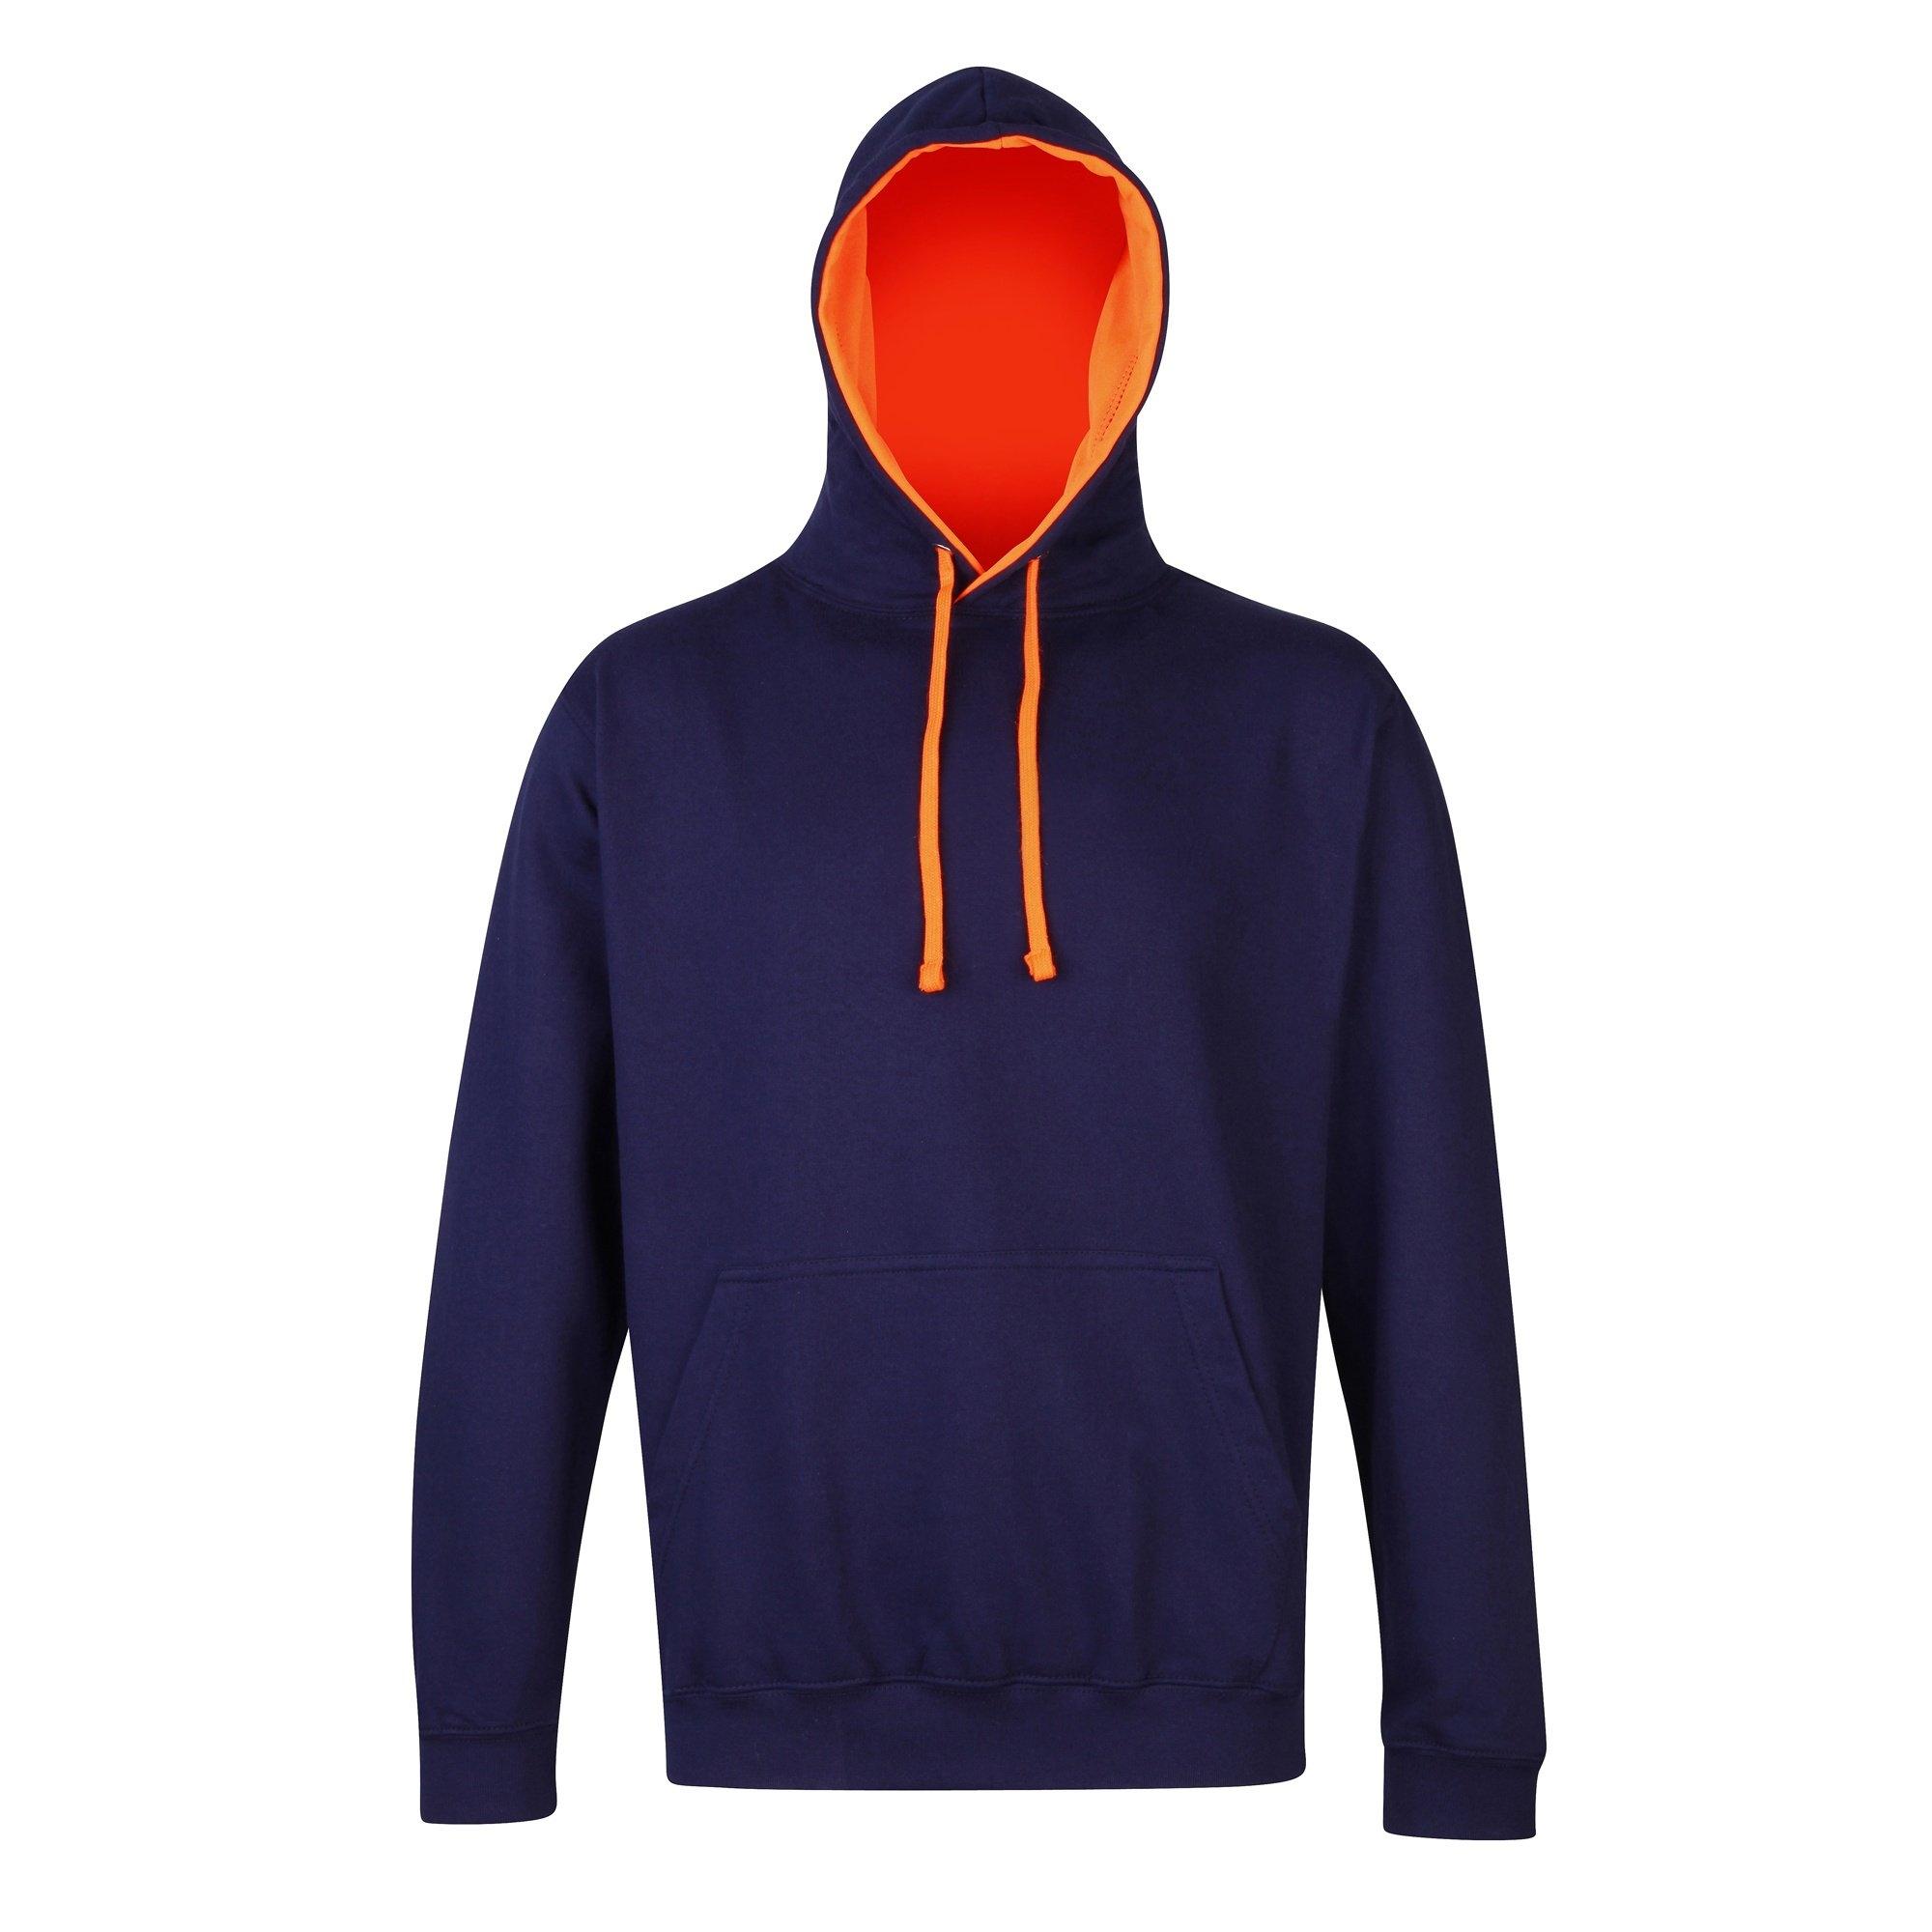 AWDIS capuchontrui »Herren Kapuzen-Sweatshirt / Hoodie« veilig op otto.nl kopen